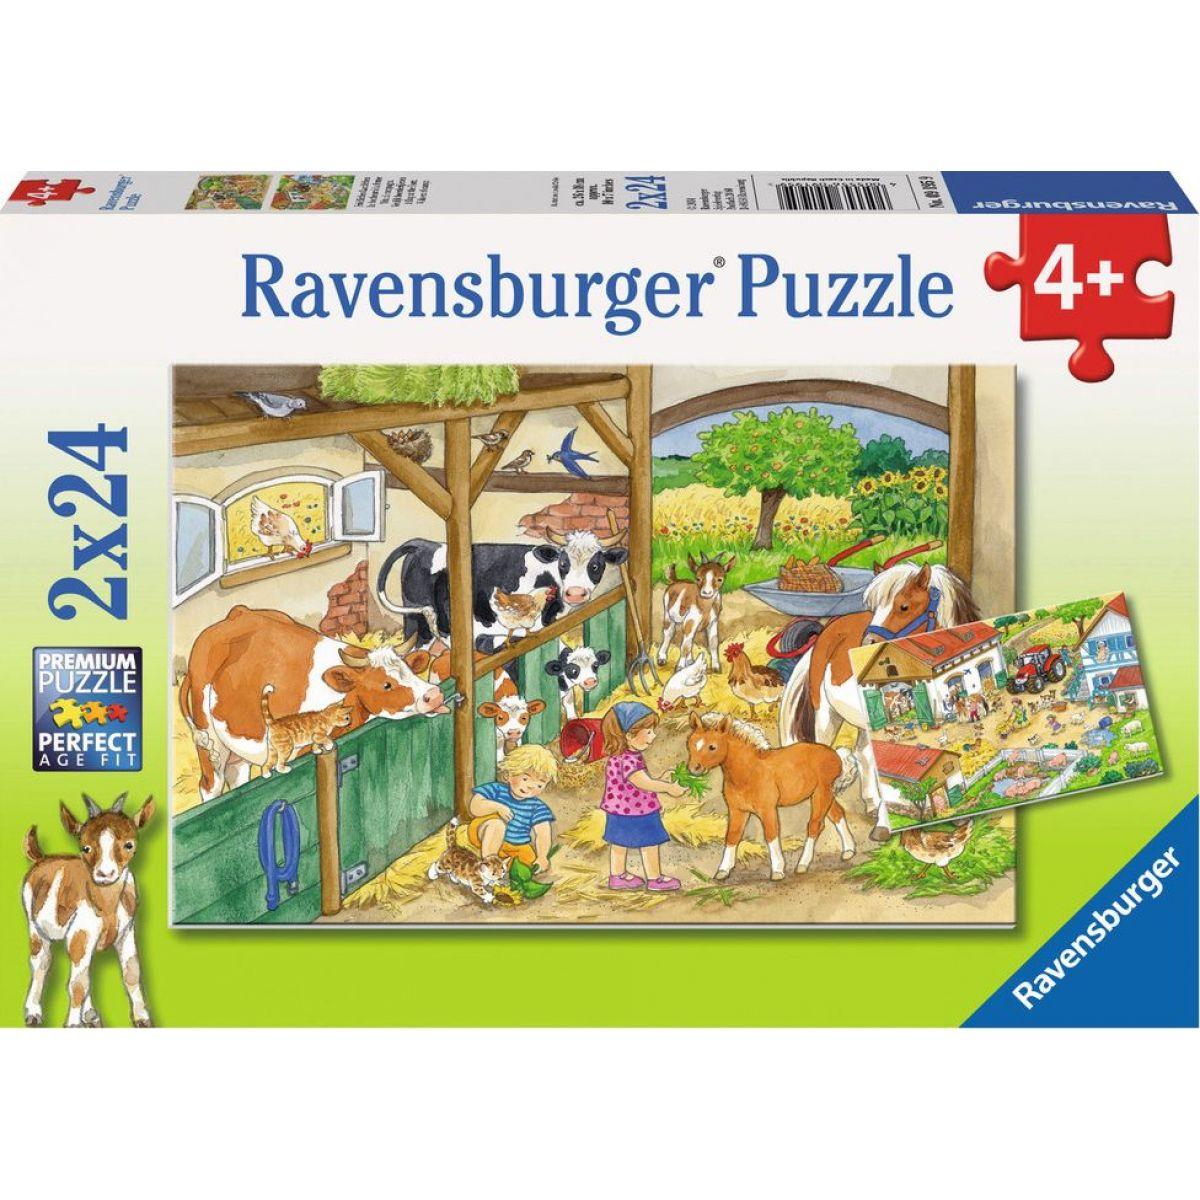 Ravensburger Puzzle Radostný život na venkově 2 x 24 dílků